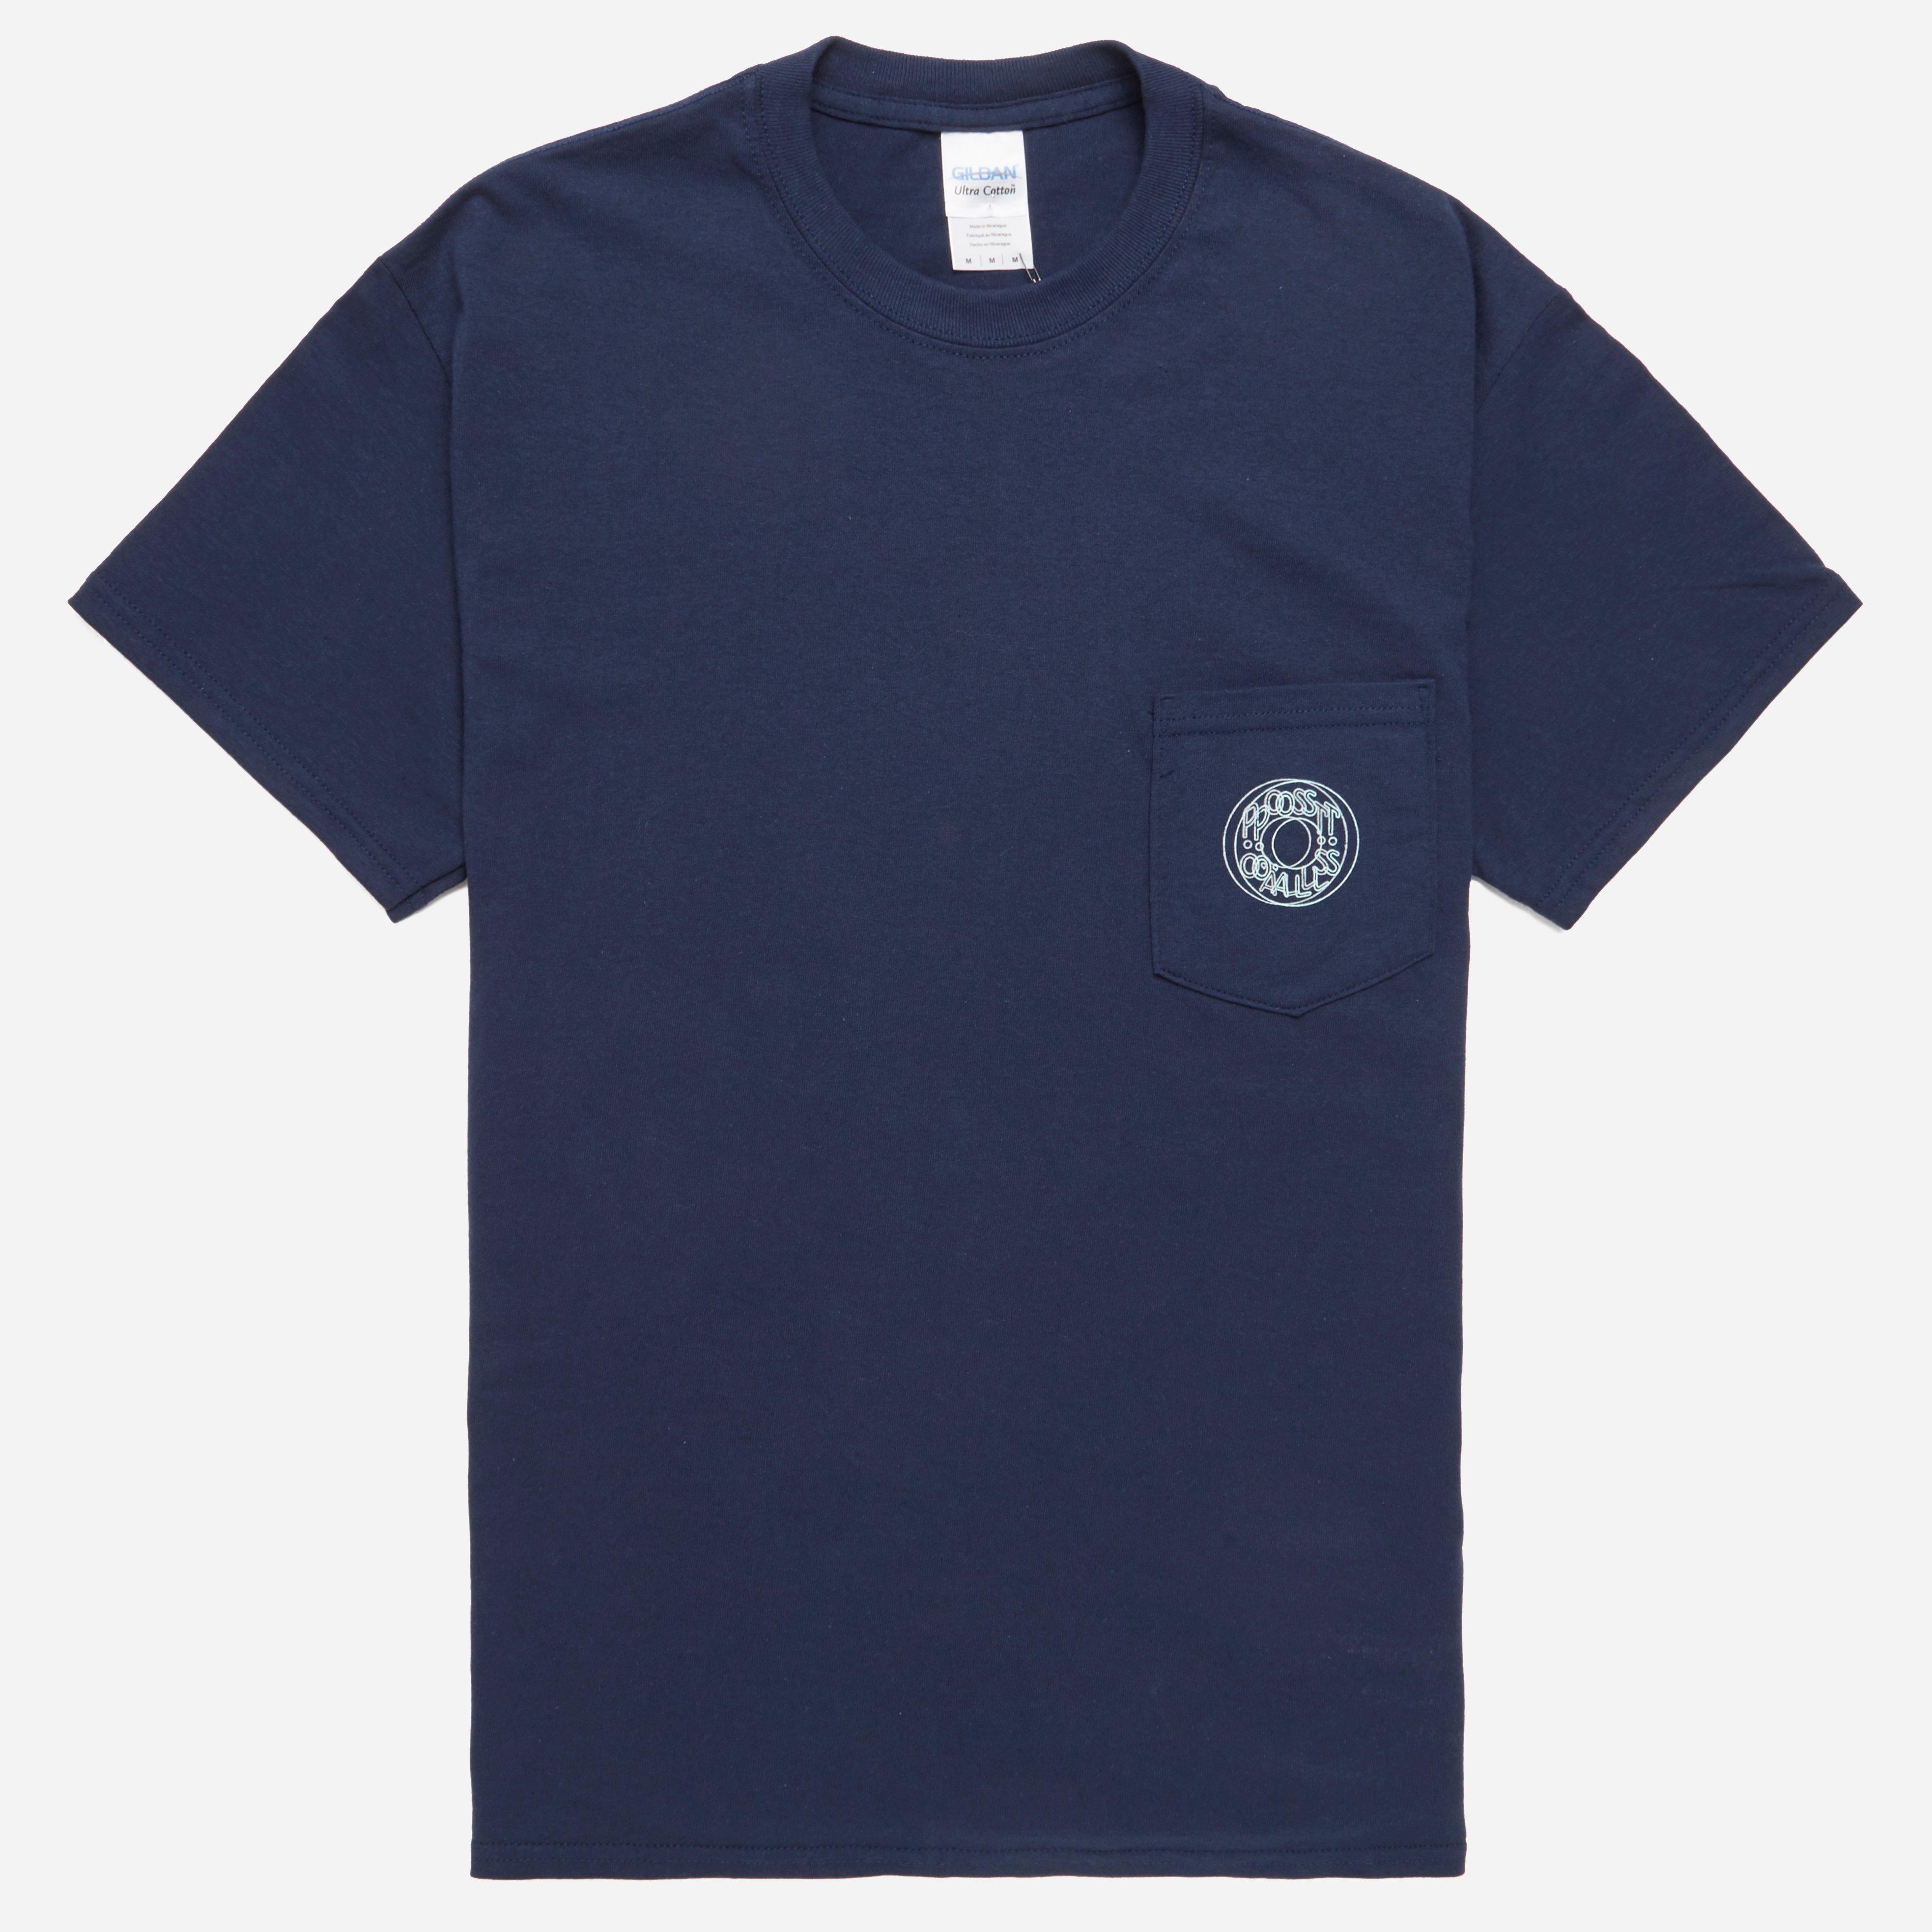 Post Overalls ESS Pocket T-shirt